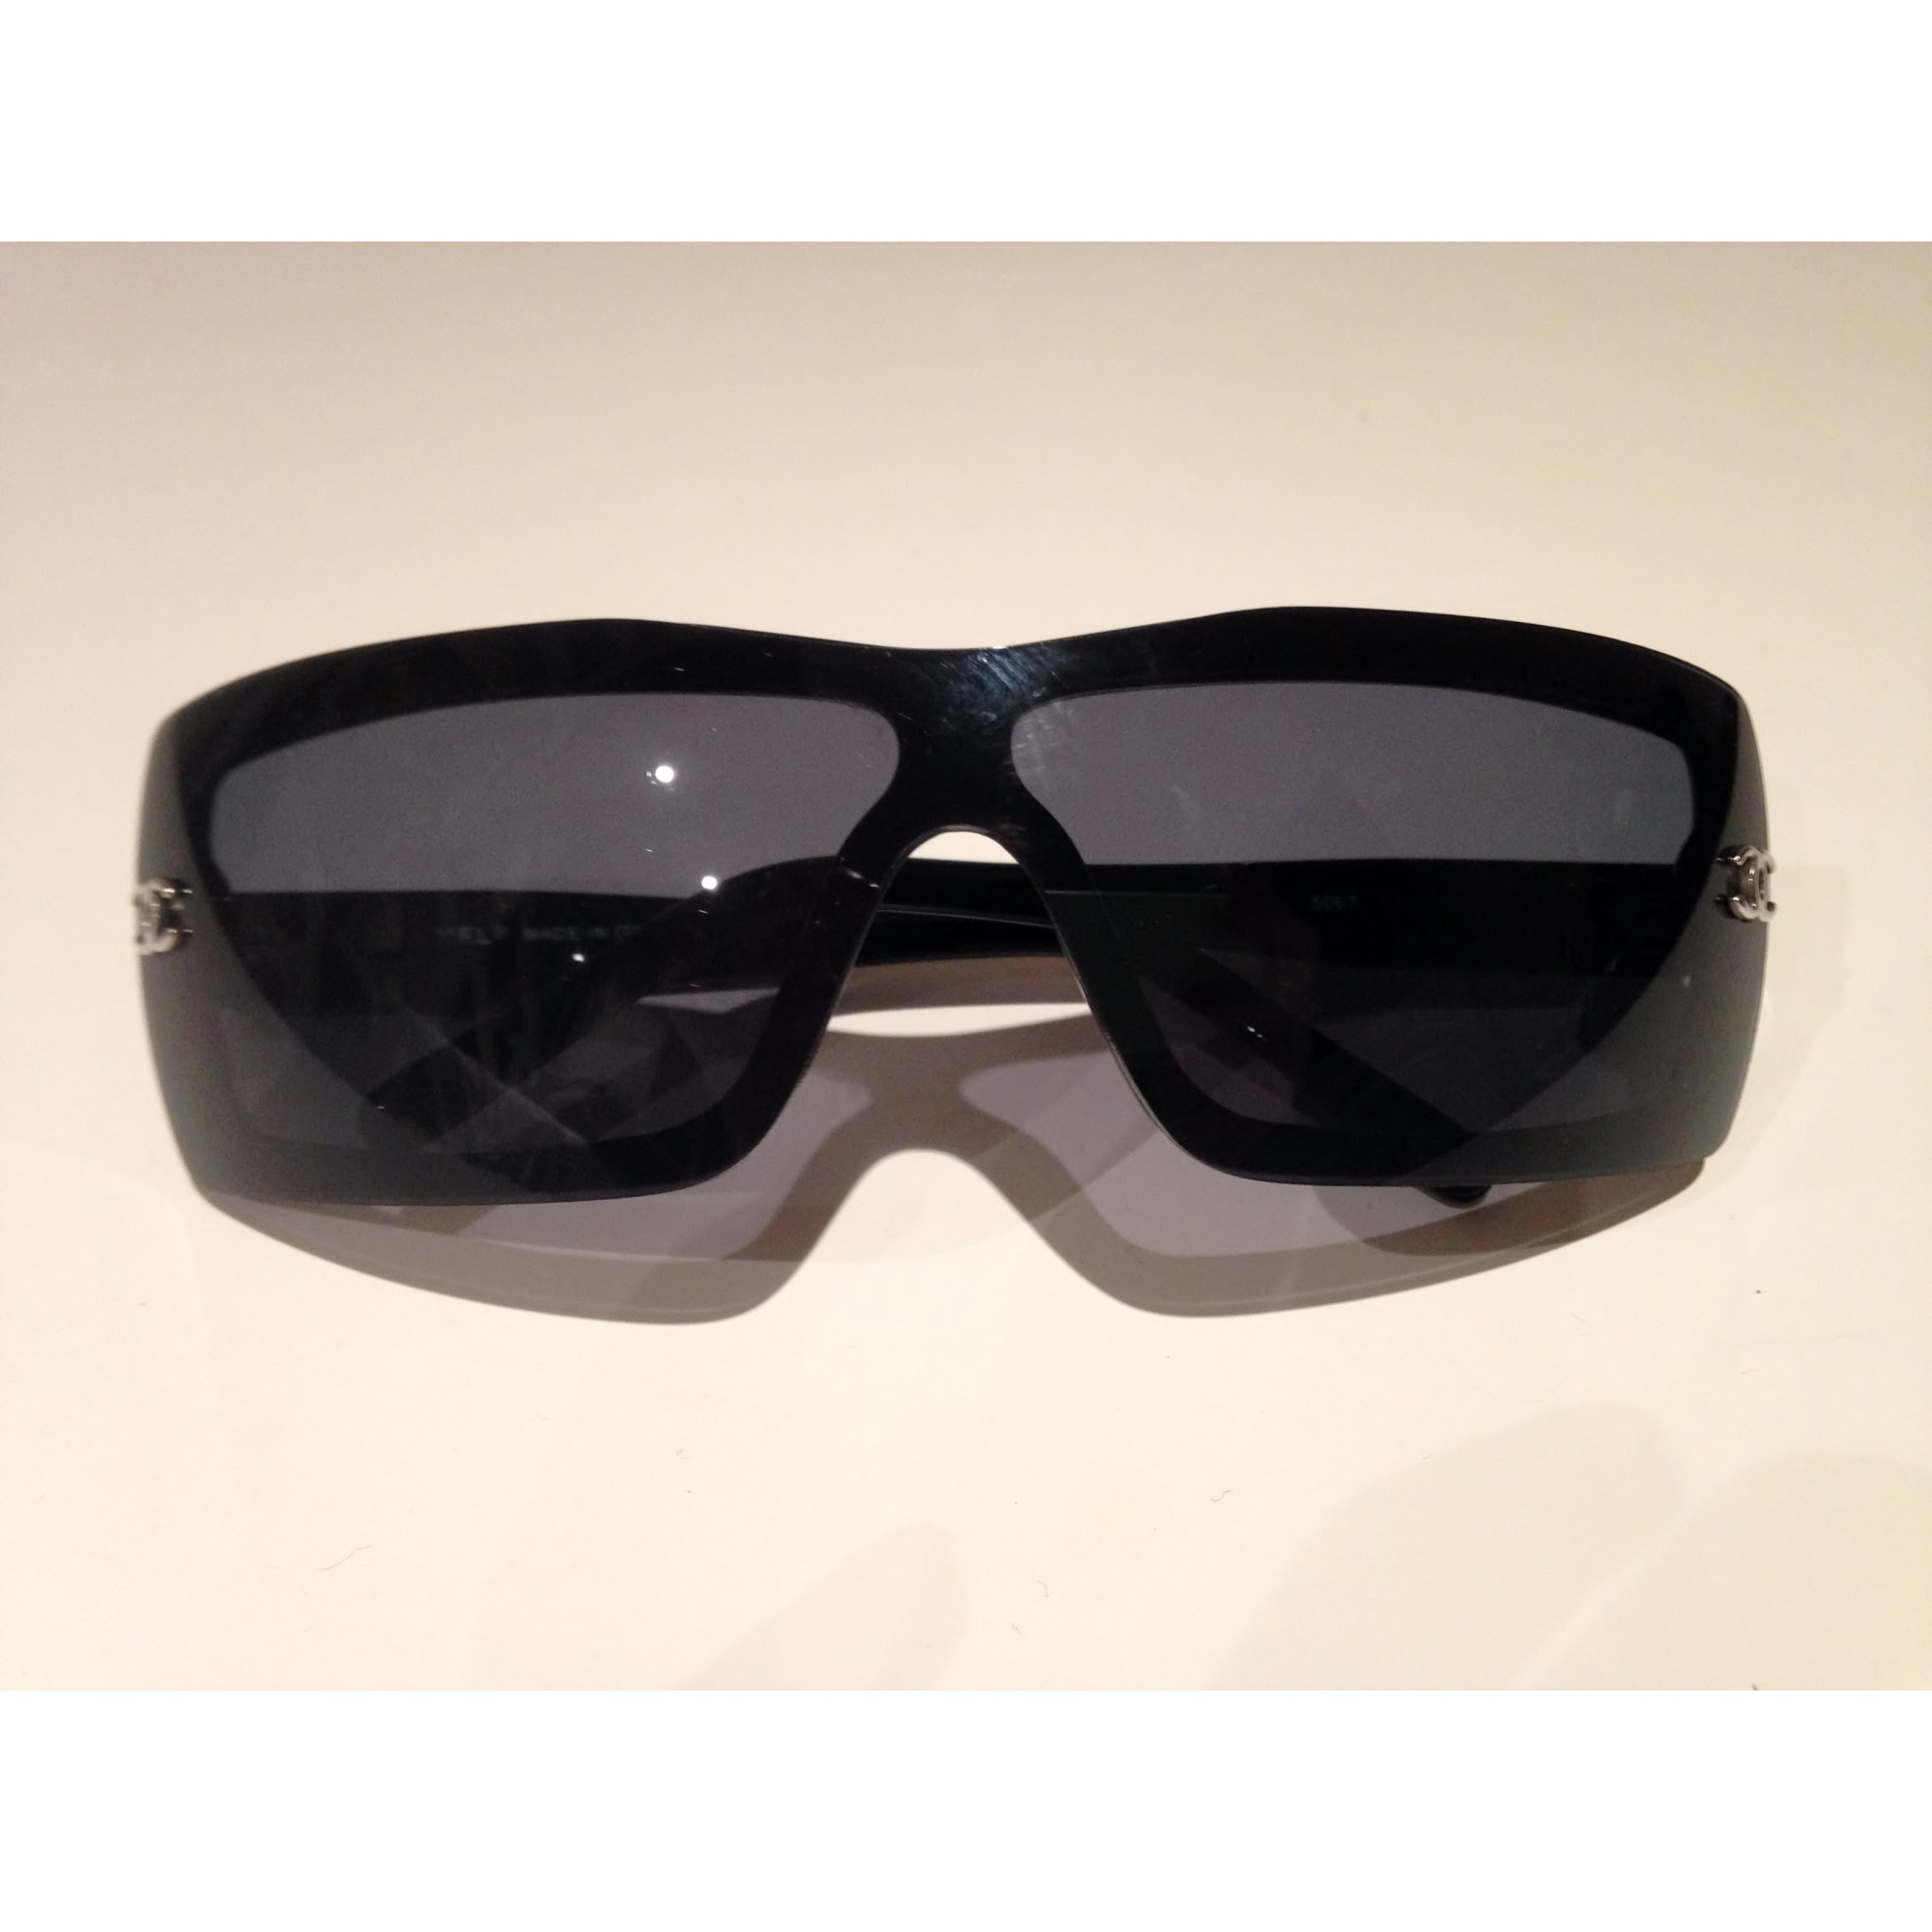 29f42147f8f Lunettes de soleil CHANEL noir vendu par Alexandra95 - 3033097